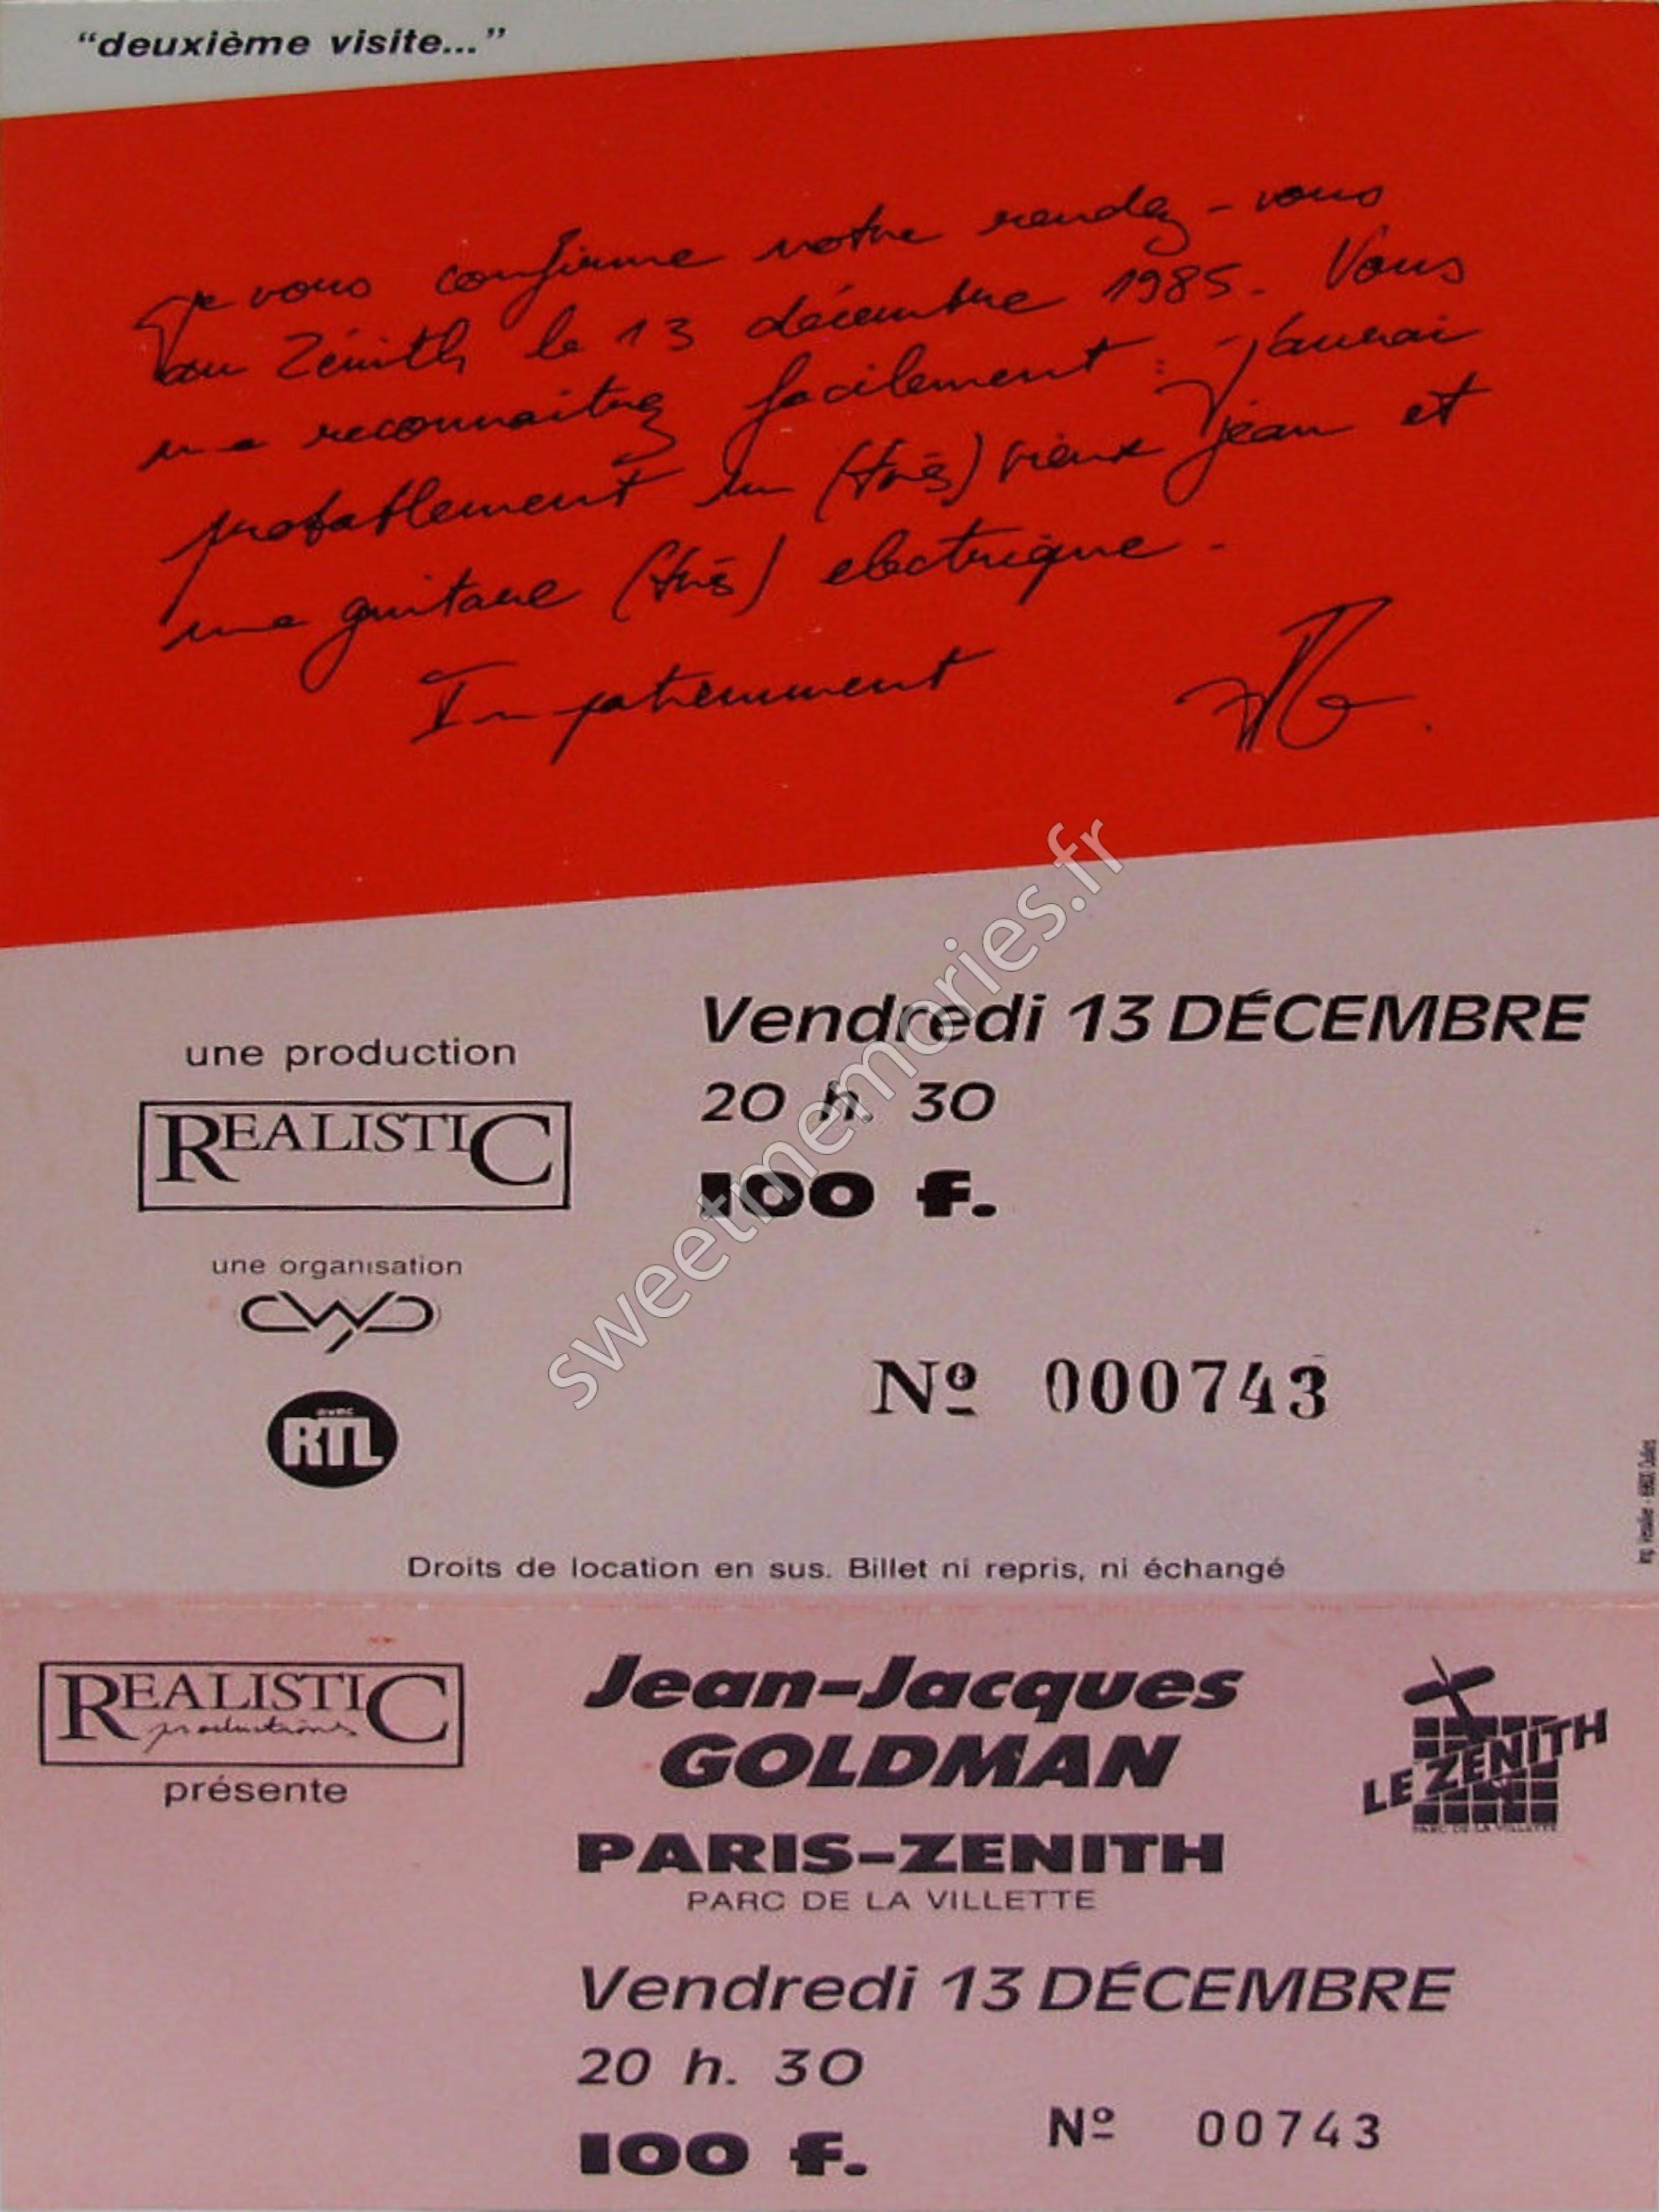 Jean-Jacques Goldman – Deuxieme visite